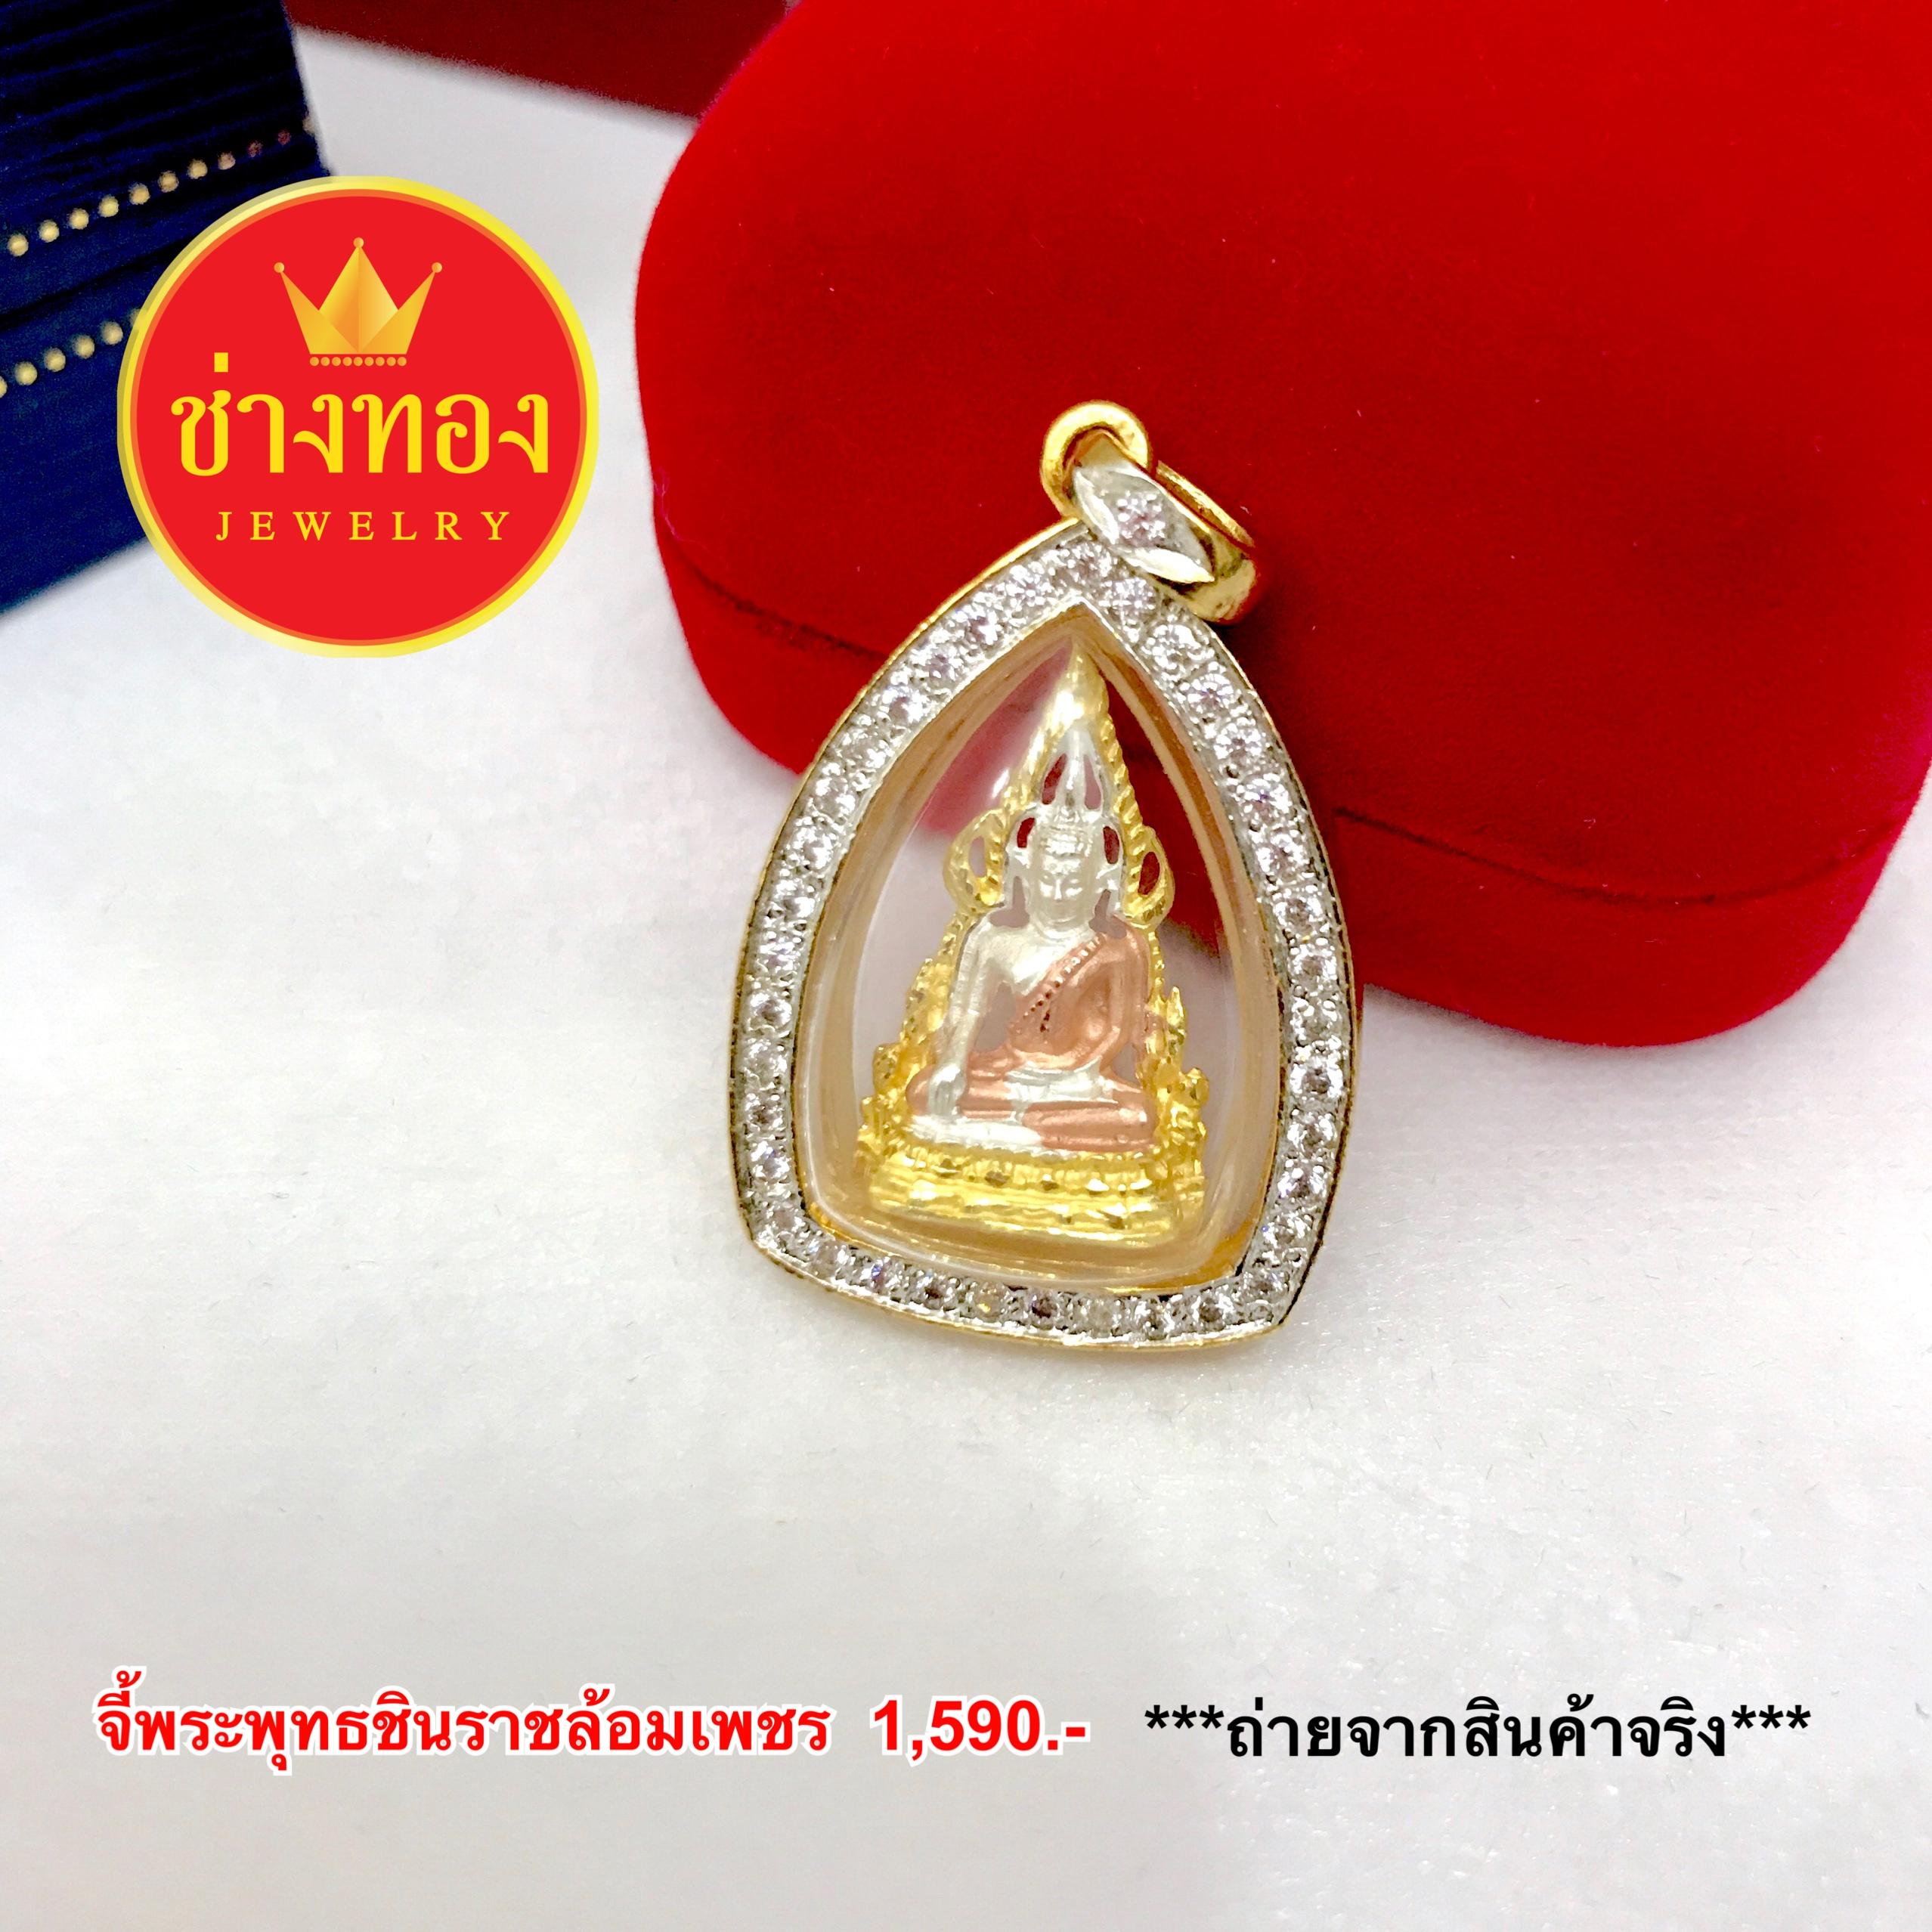 จี้พระพุทธชินราช 2 กษัตริย์ (กรอบเพชร) สูง 3.5 ซม.